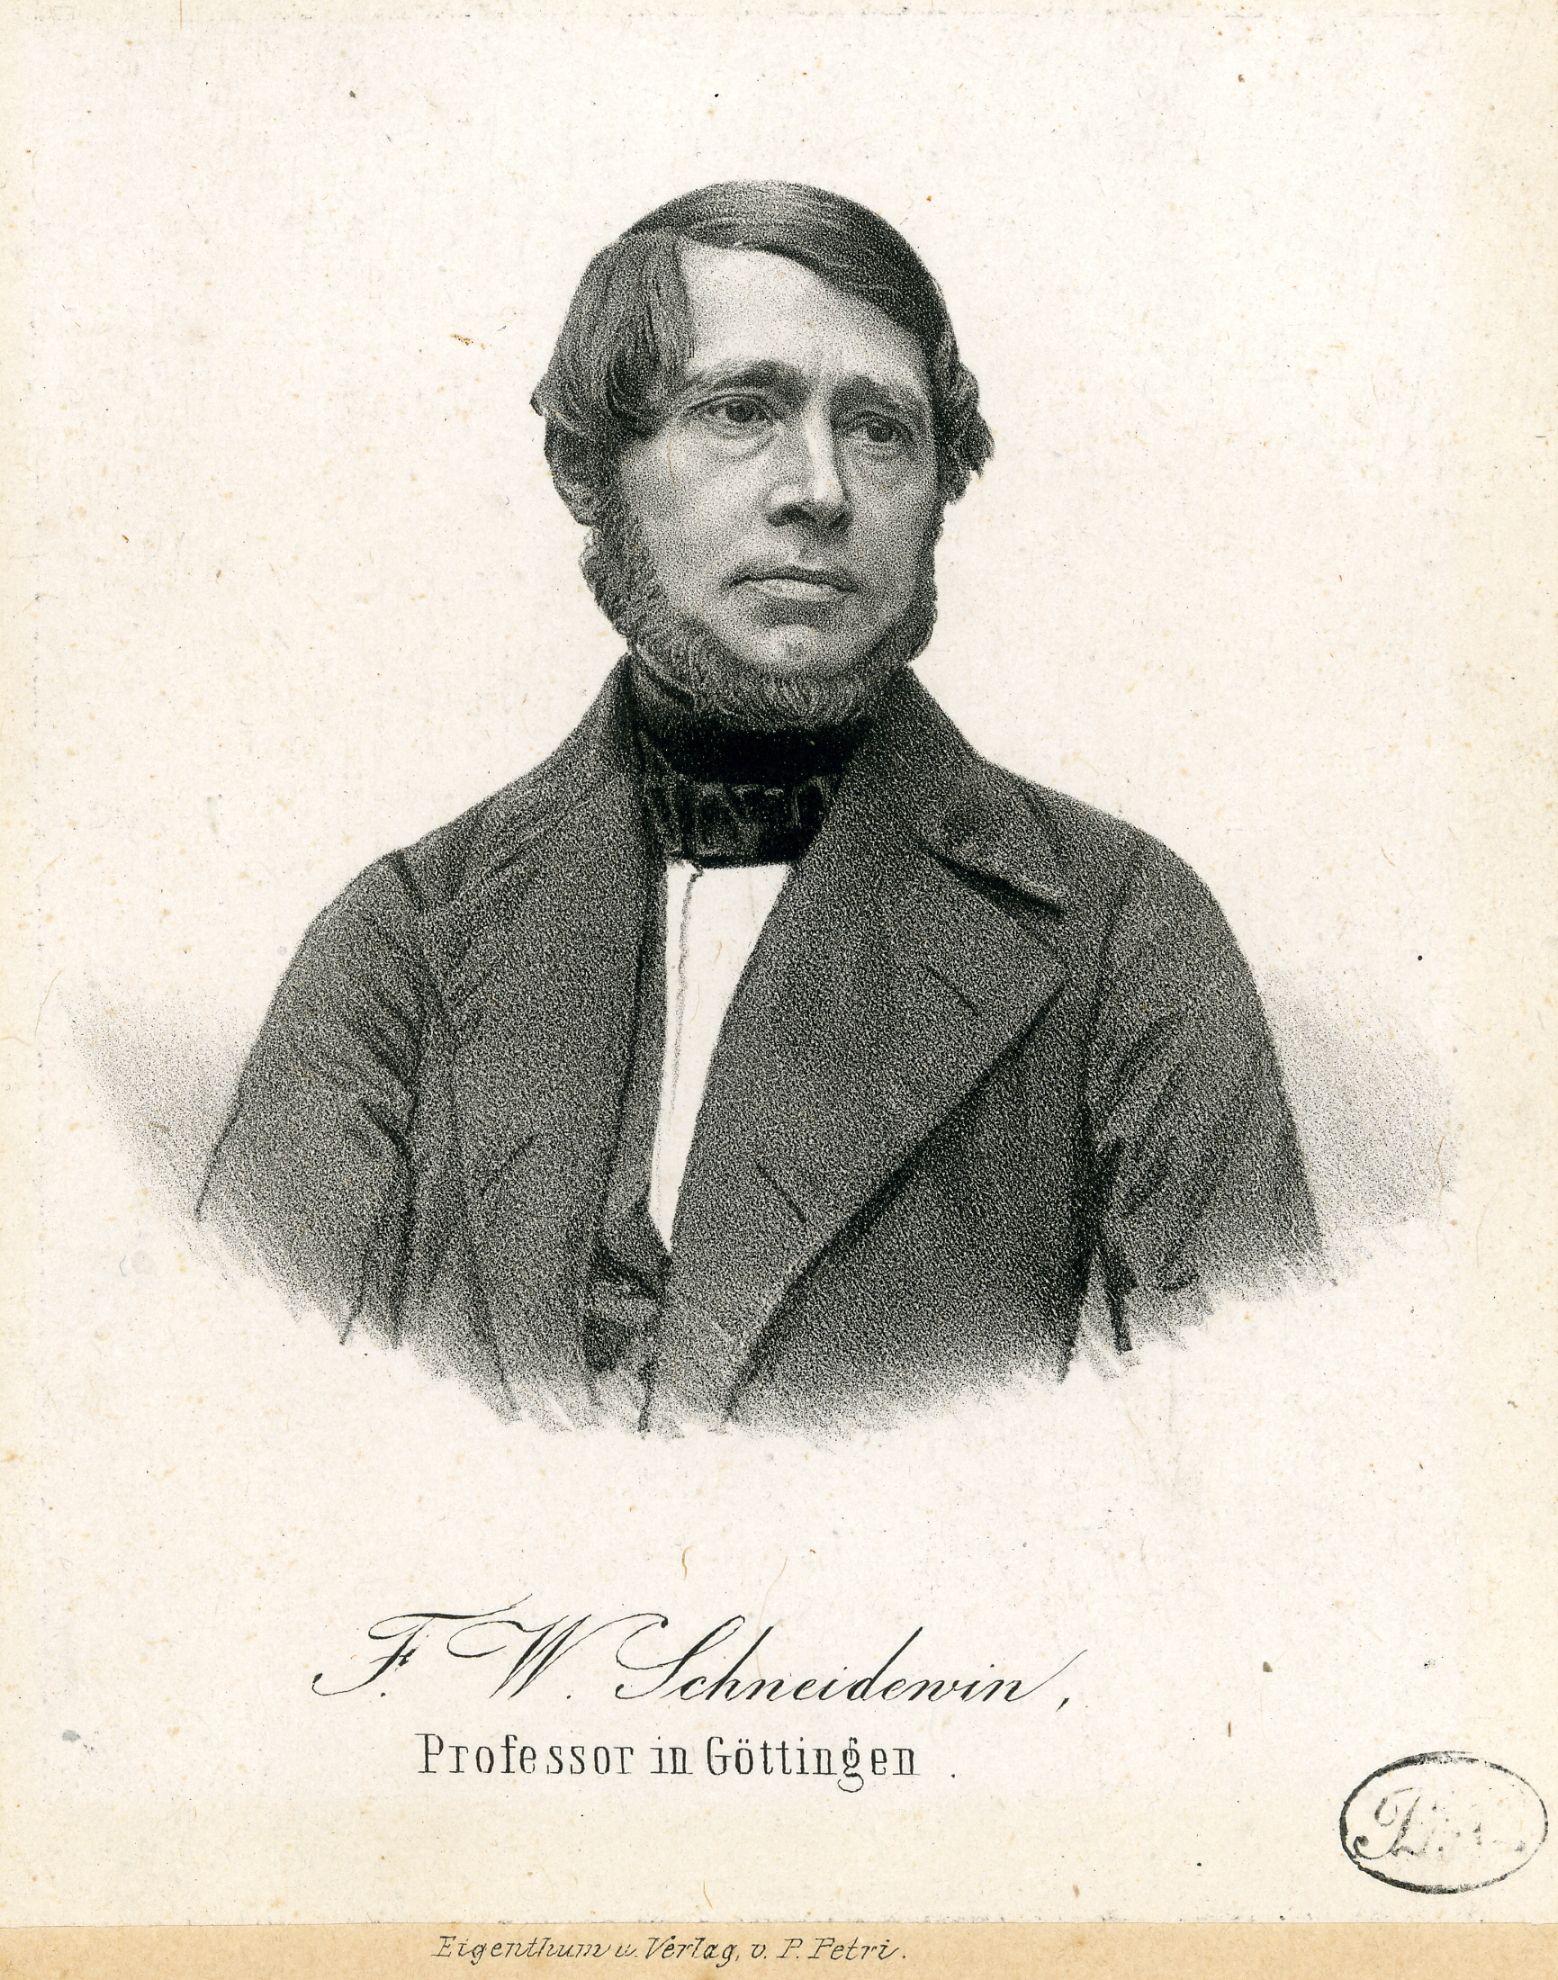 Friedrich Wilhelm Schneidewin.